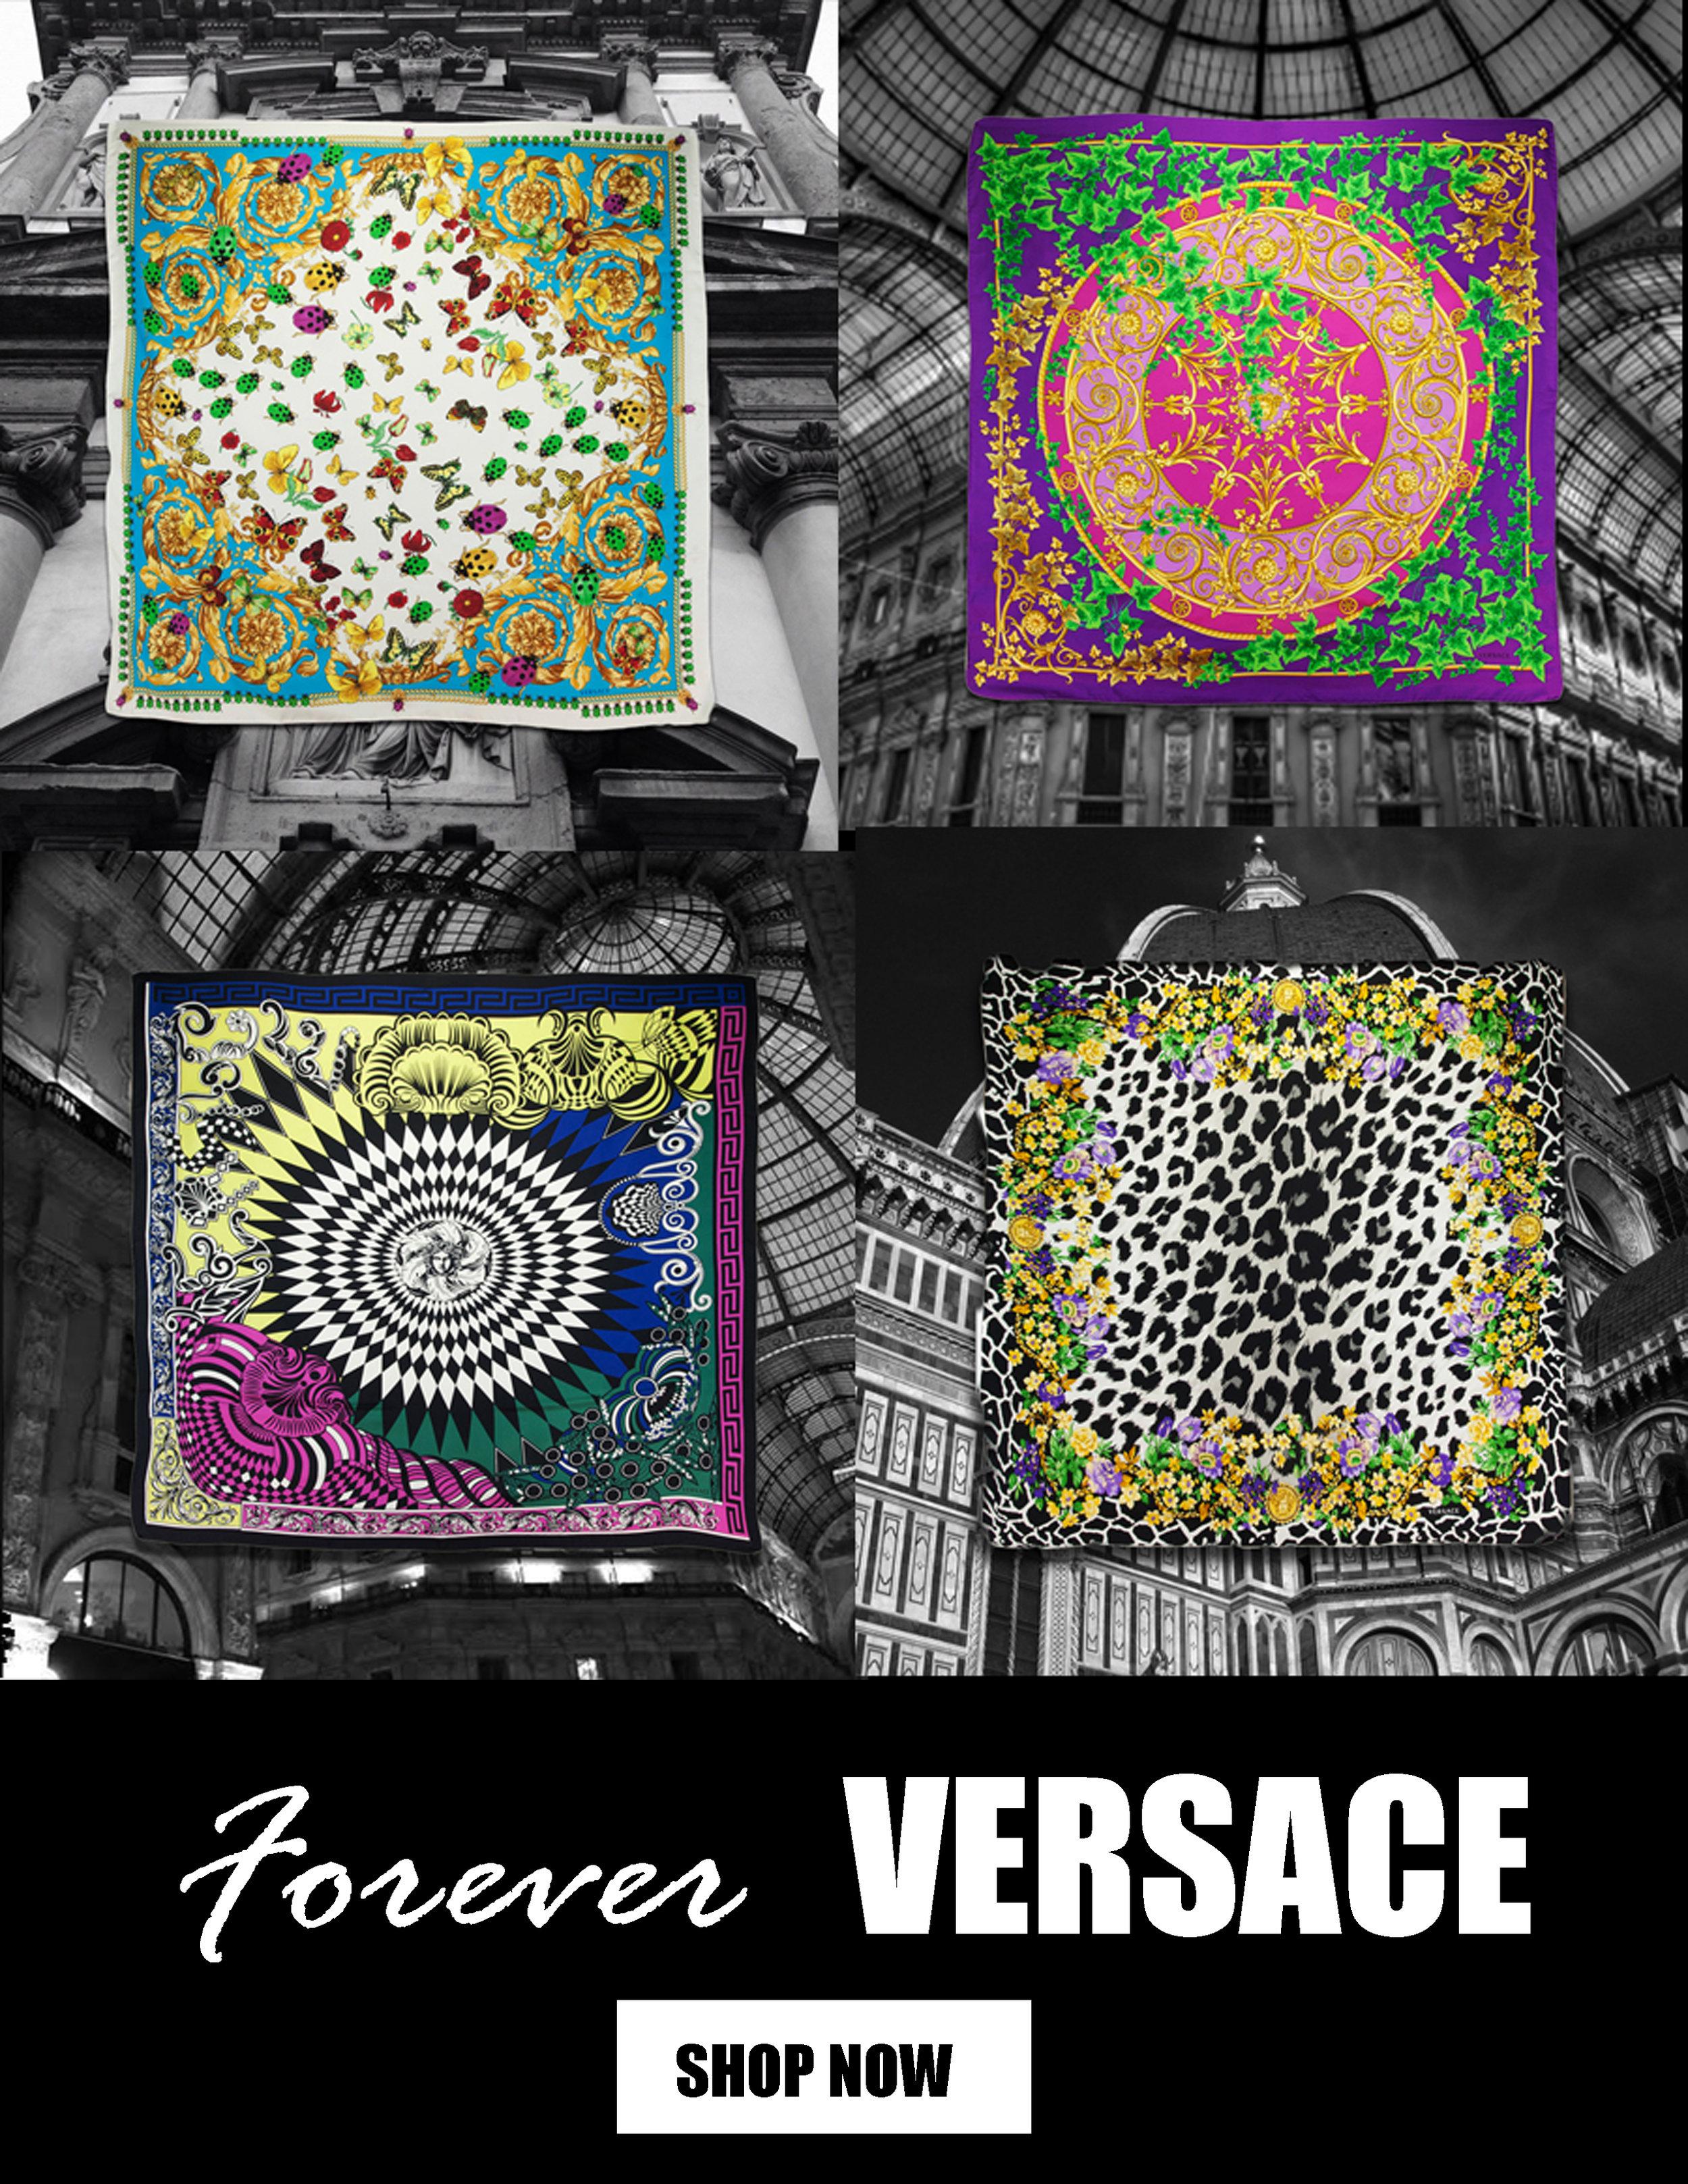 ForeverVersace.jpg